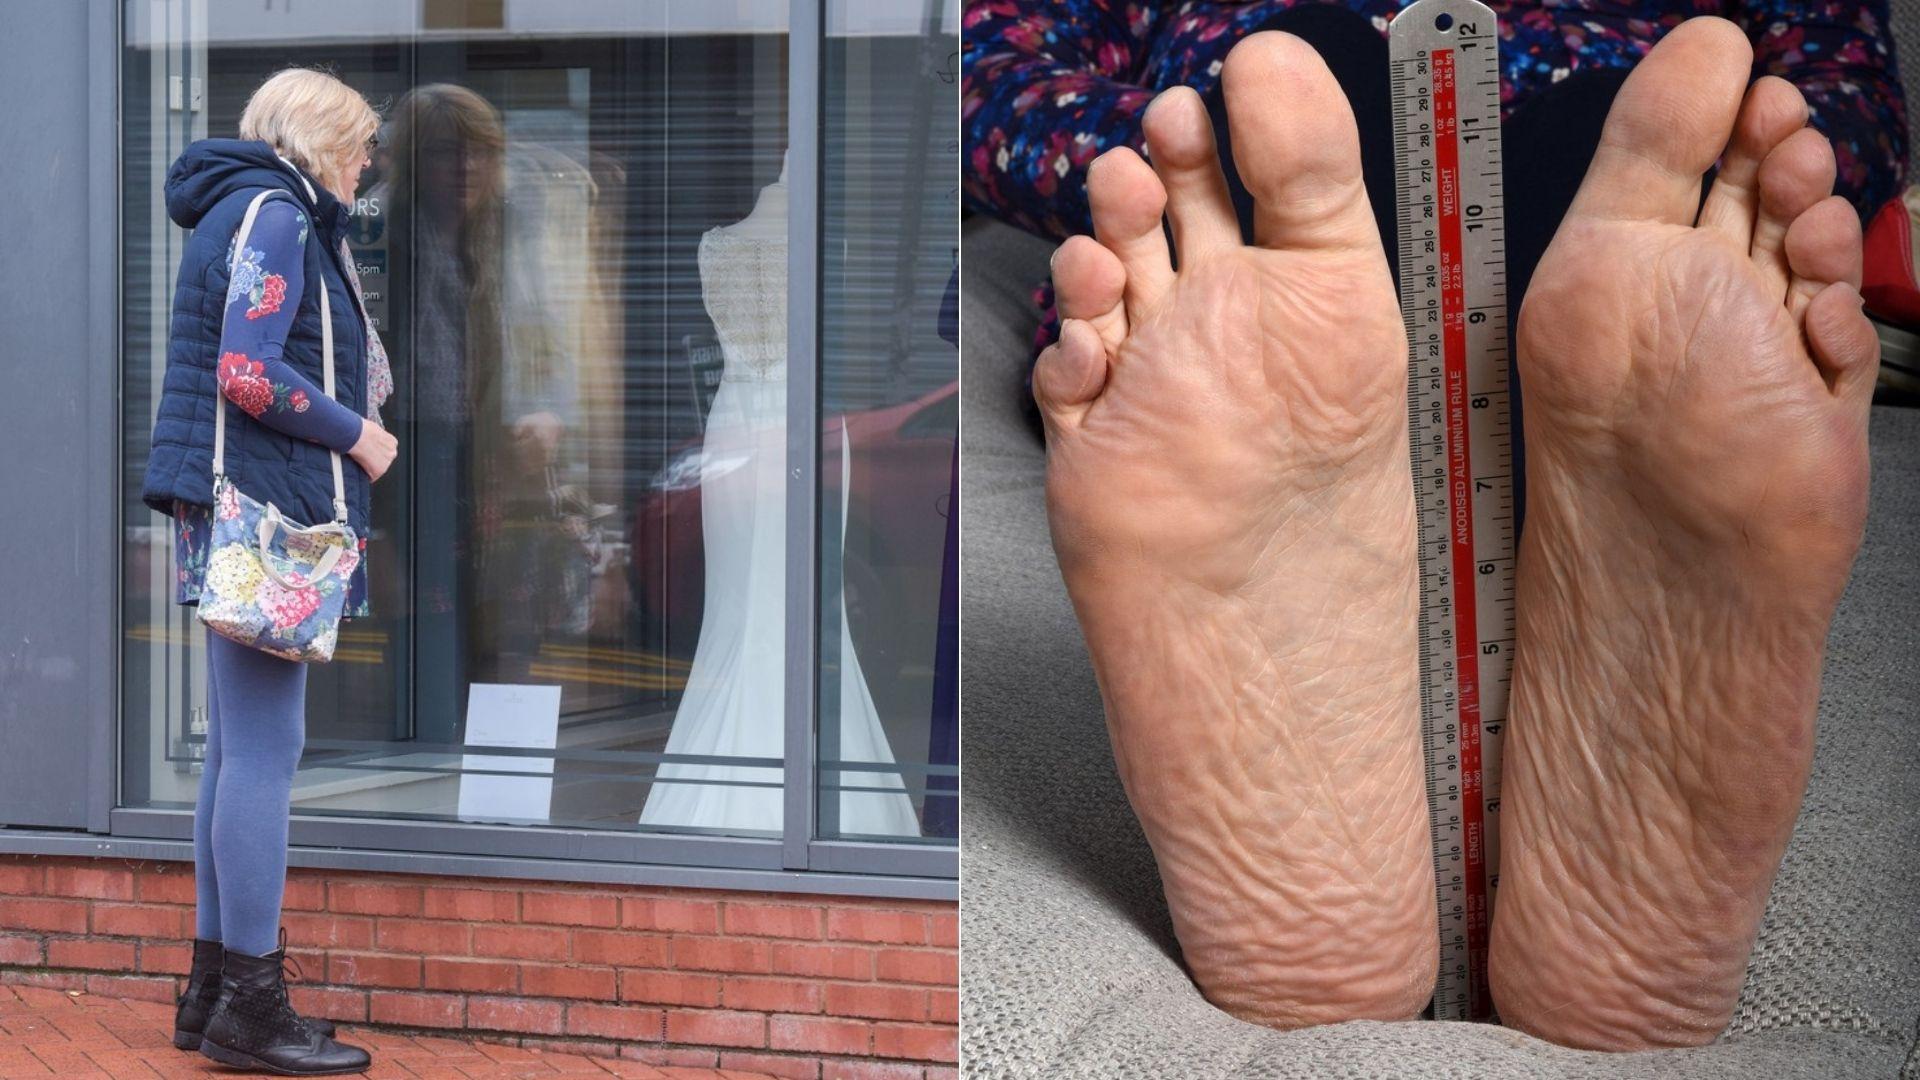 Femeia cu cele mai lungi tălpi. Cum arată și ce înălțime surprinzătoare are Juliei Felton, tânăra care poartă 49.5 la pantofi